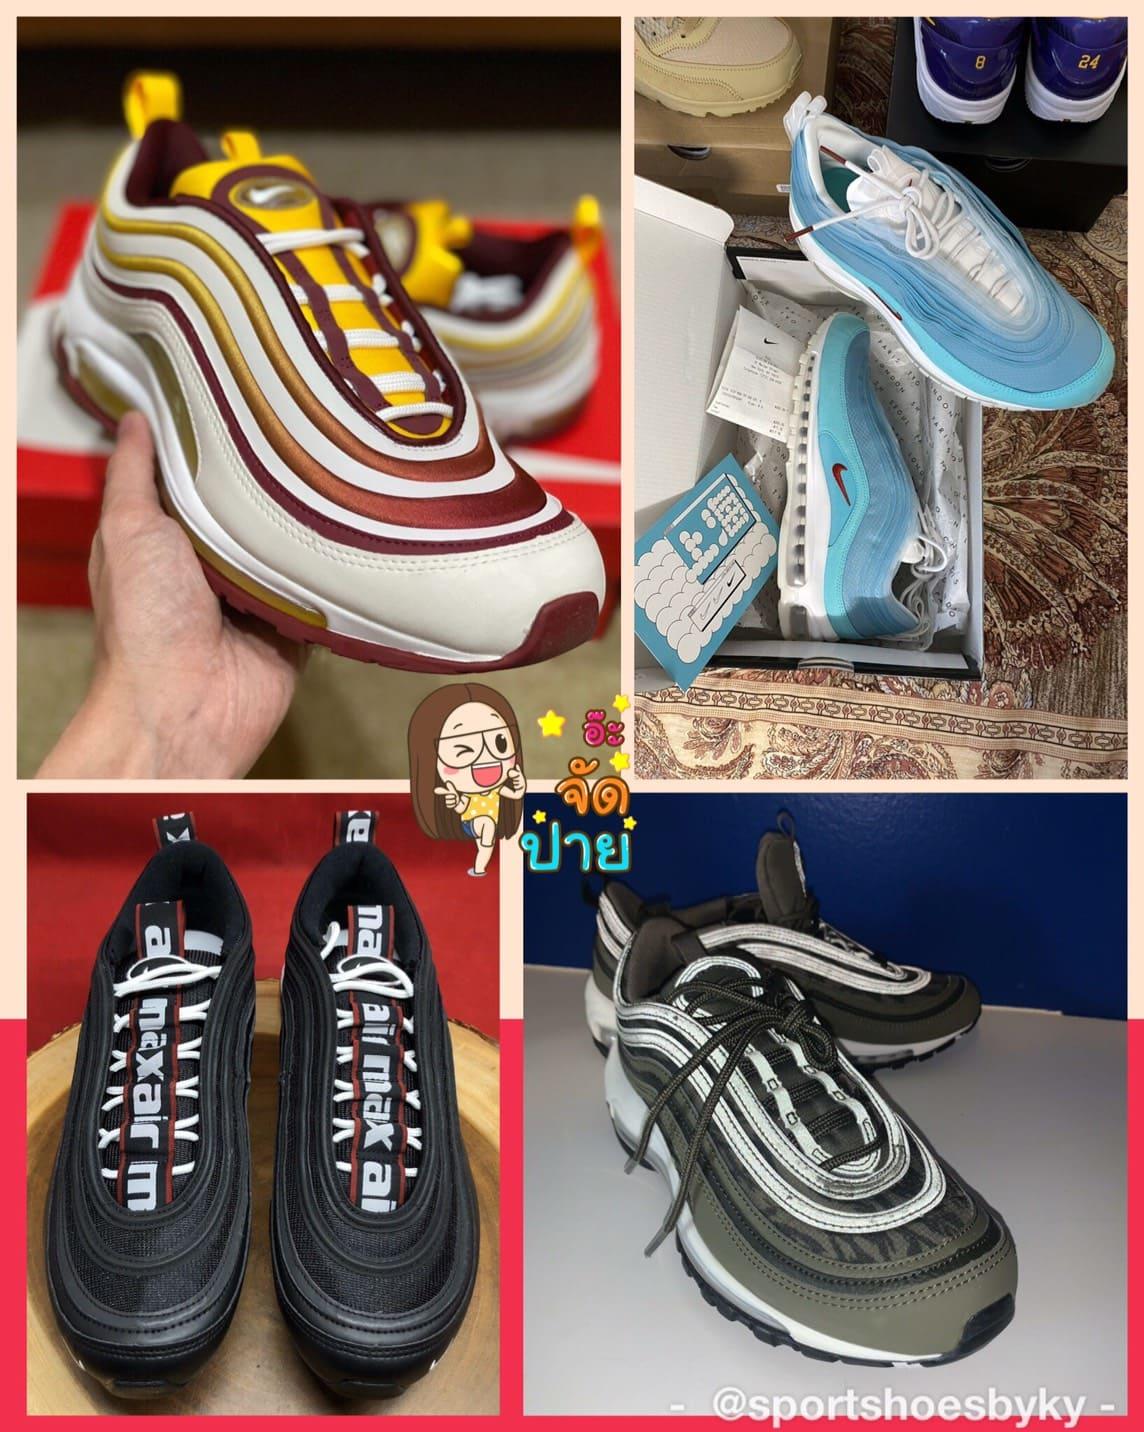 รองเท้า Nike Air Max 97 ผู้ชาย สีฮิต มีกี่สี